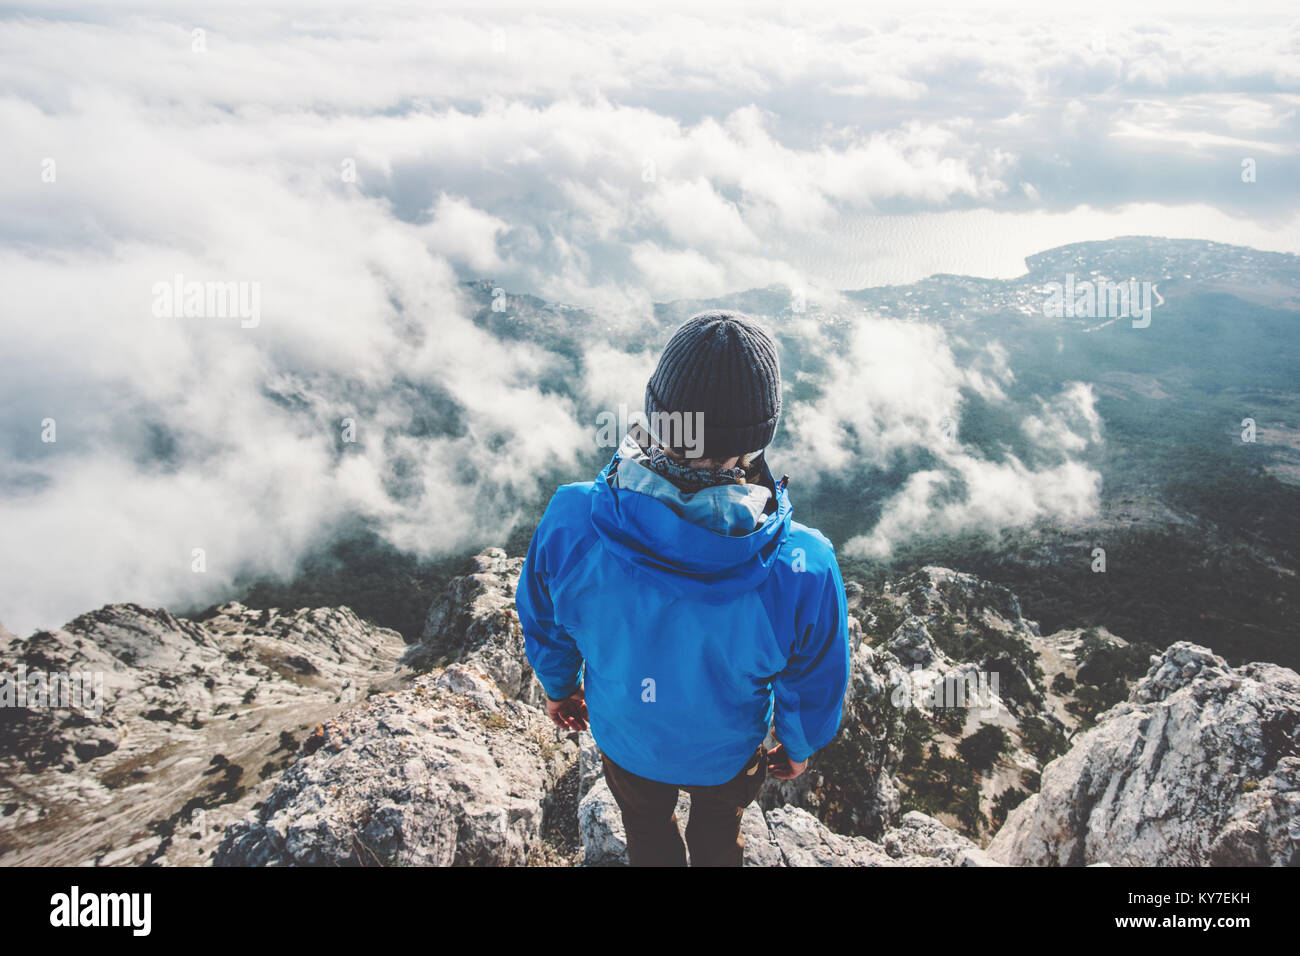 Uomo sulla scogliera di montagna gode di vista aerea oltre le nuvole viaggiare da soli il concetto di stile di vita Foto Stock